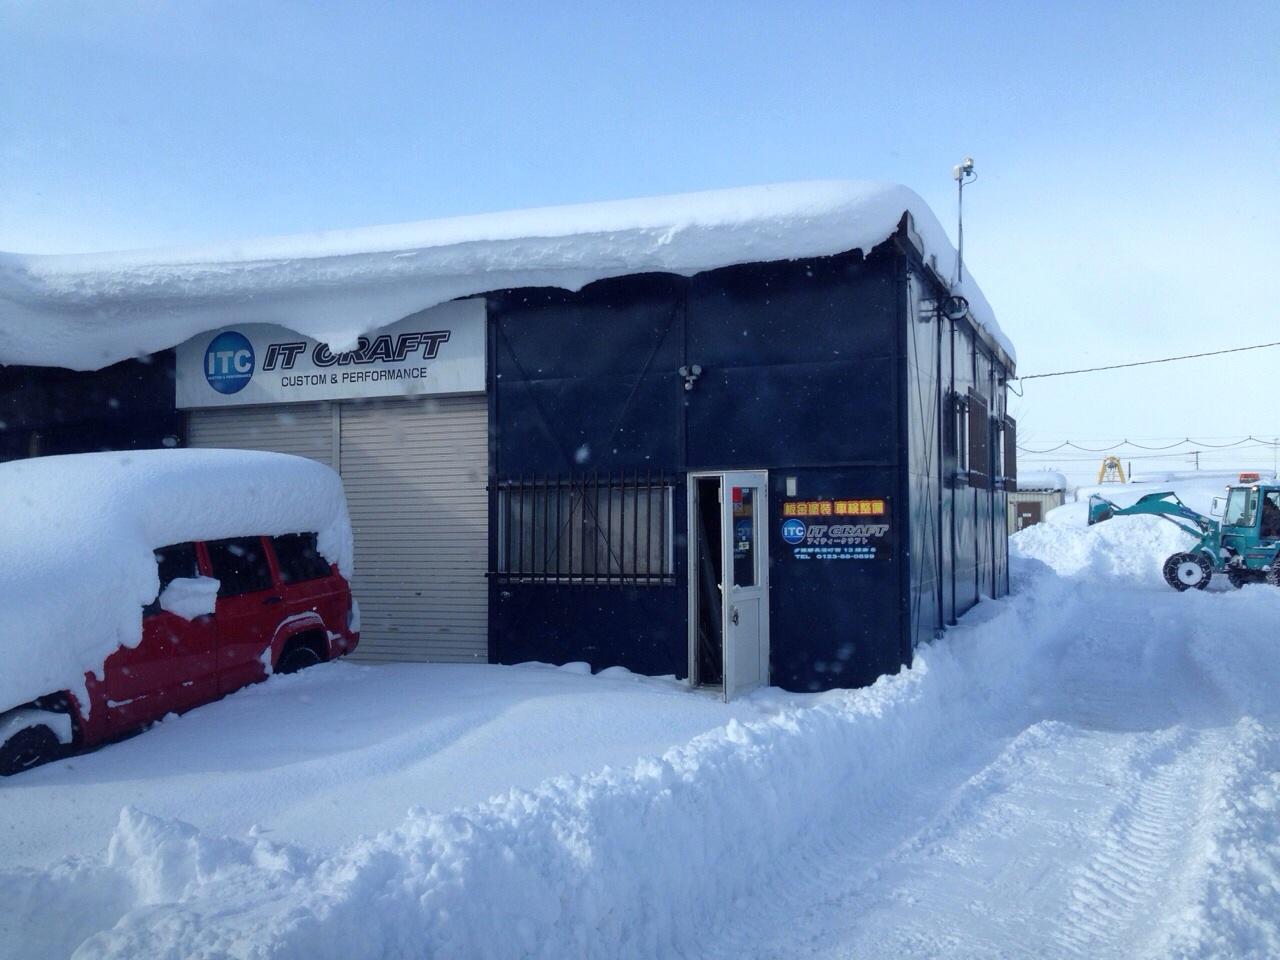 東京オートサロン準備の予定が除雪始めに、明寿ブログ、ランクル200ディーゼル_b0127002_20573912.jpg